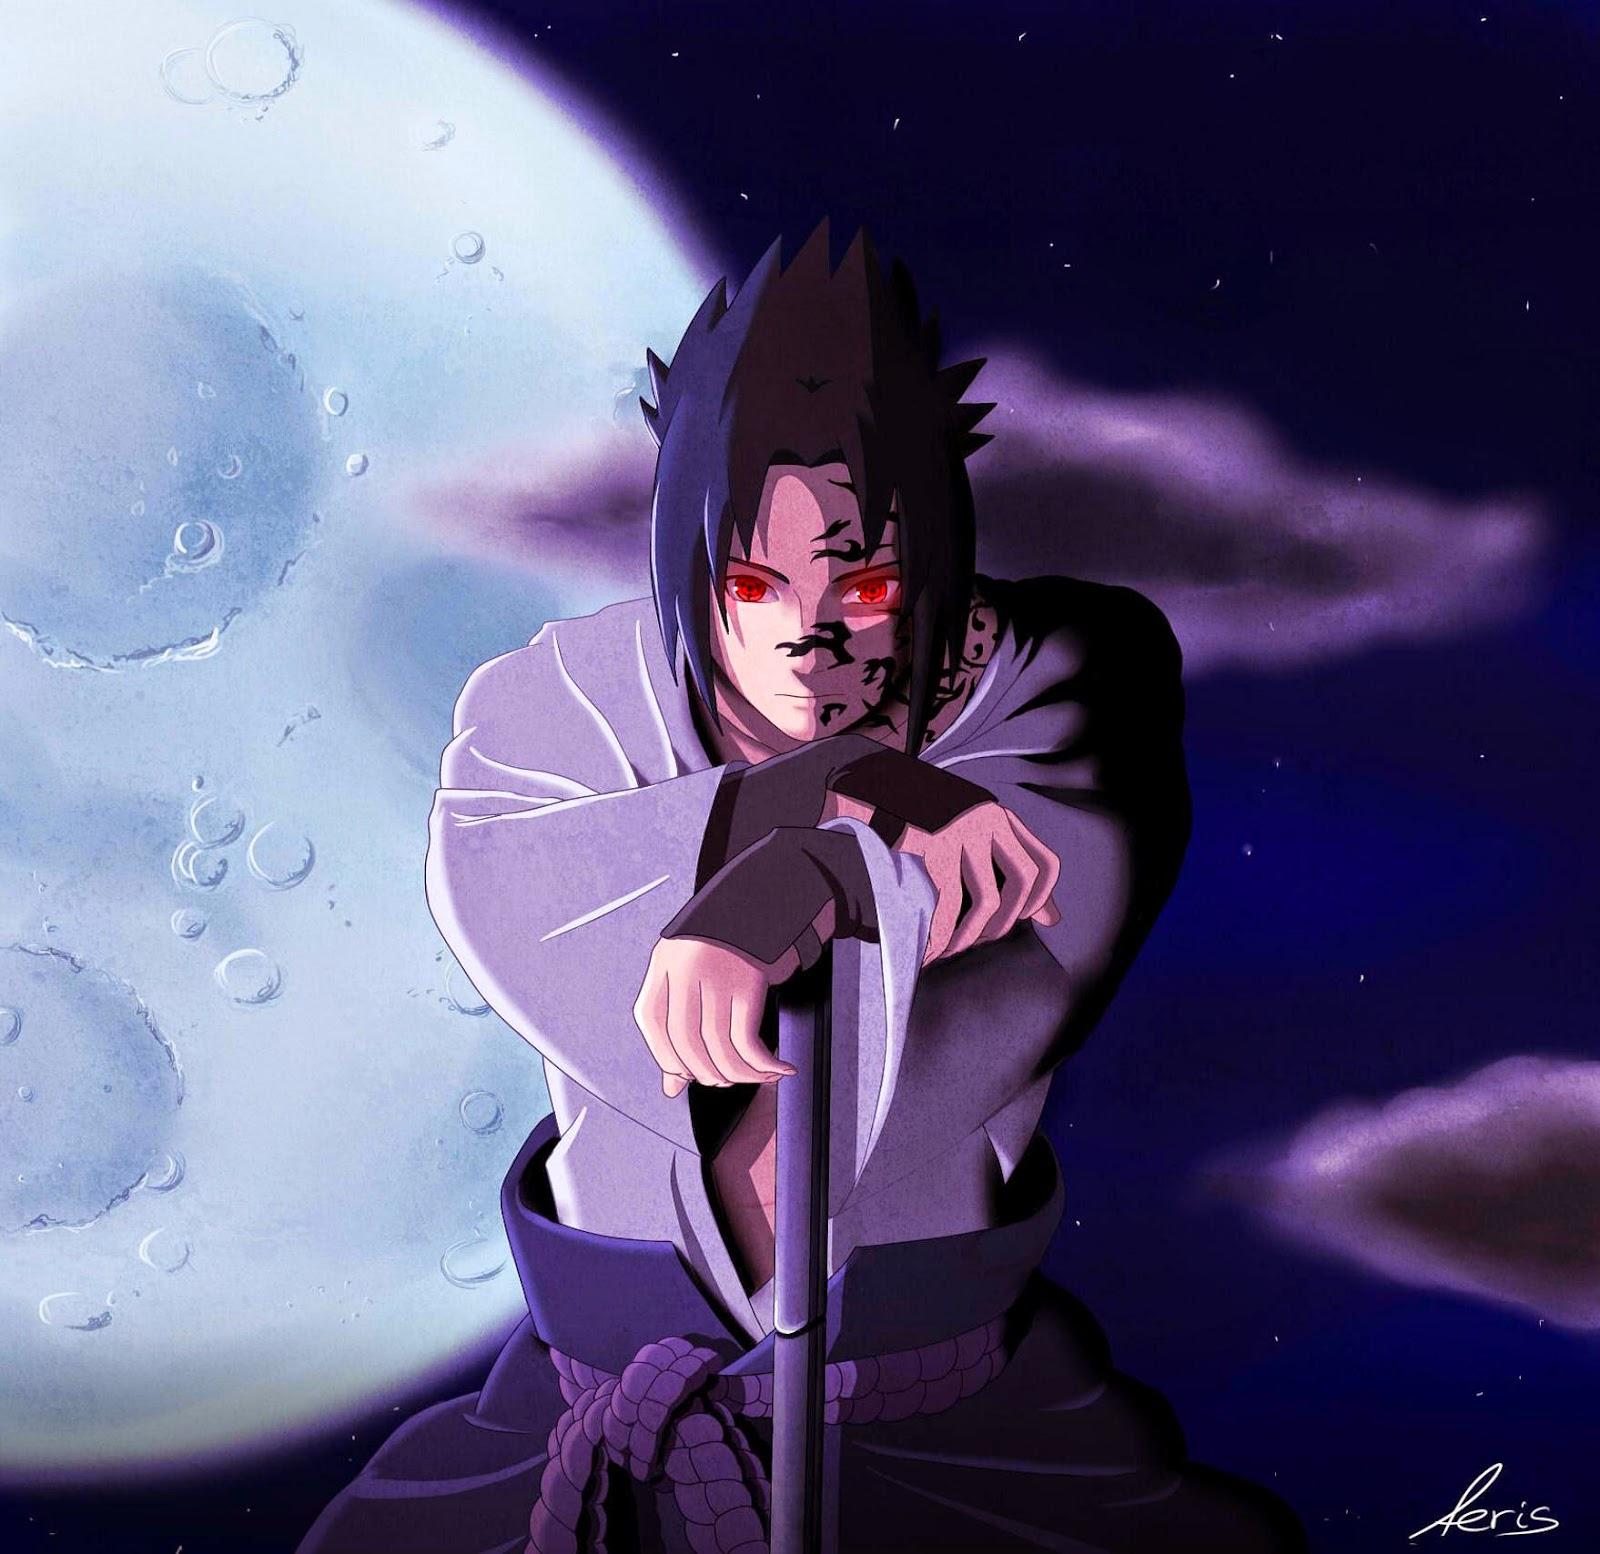 Naruto Naruto Shippuuden Sasuke: Naruto Shippuden Saga: Sasuke Uchiha